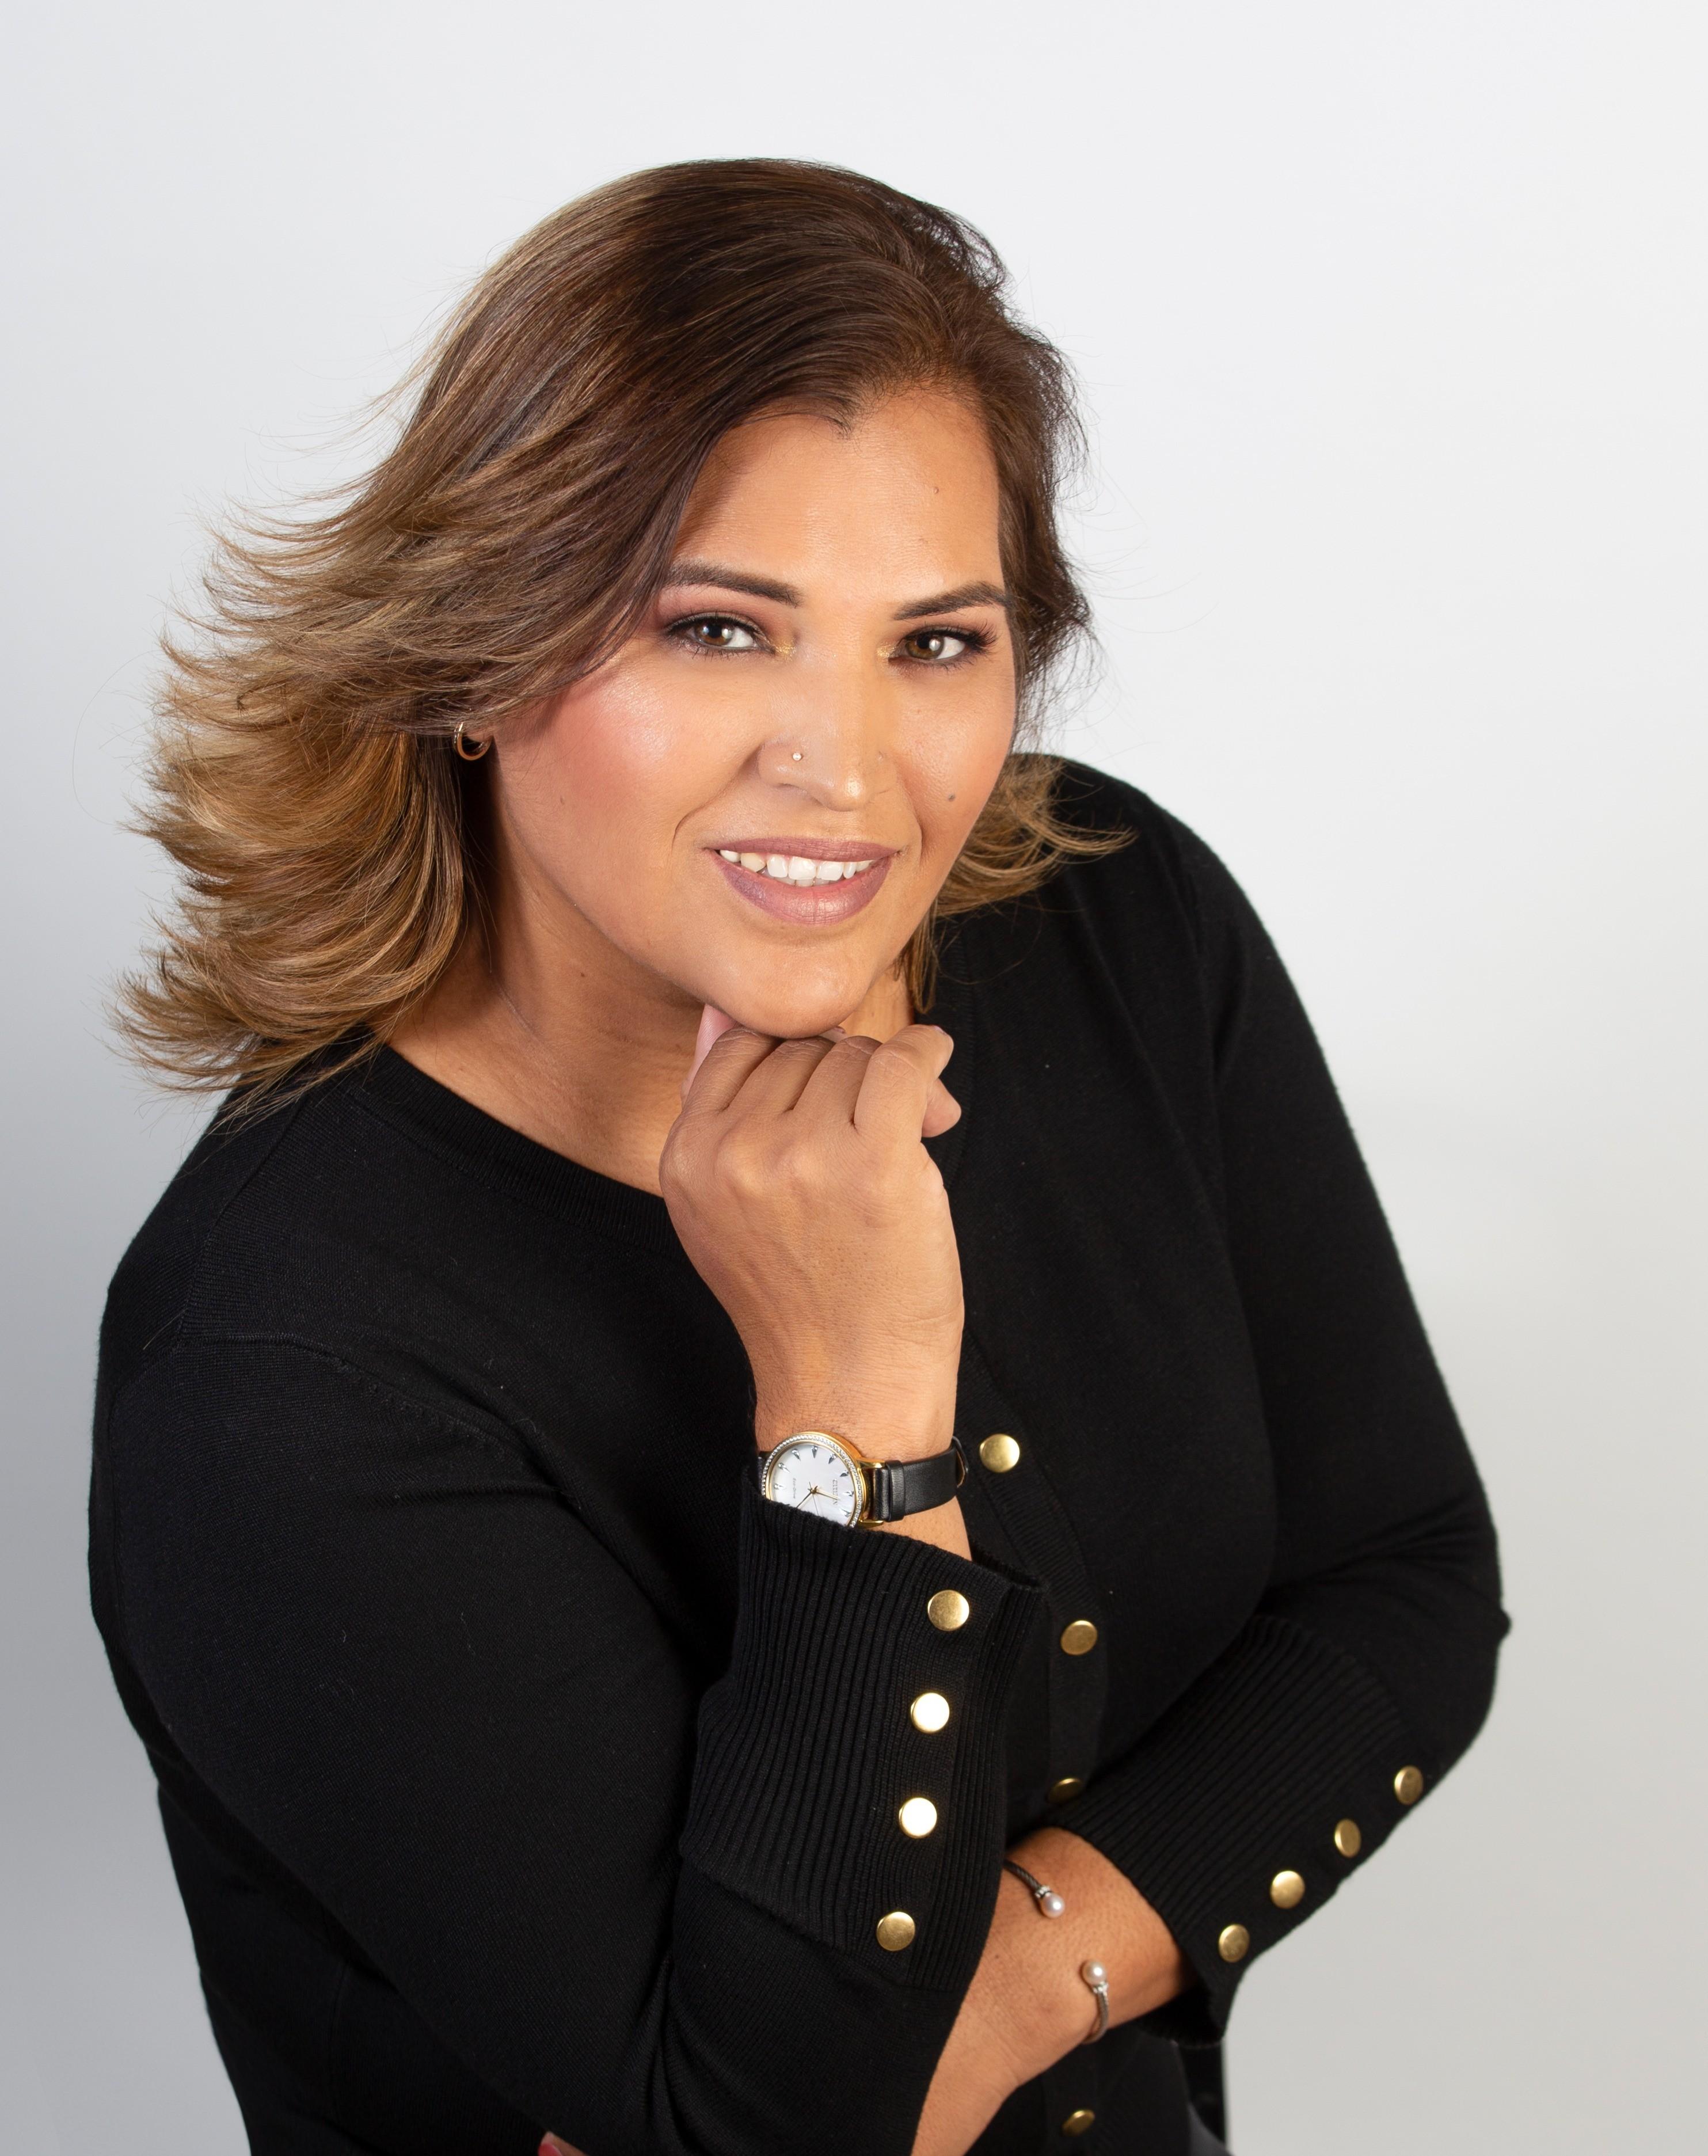 Melida (Esmeralda) Sanchez